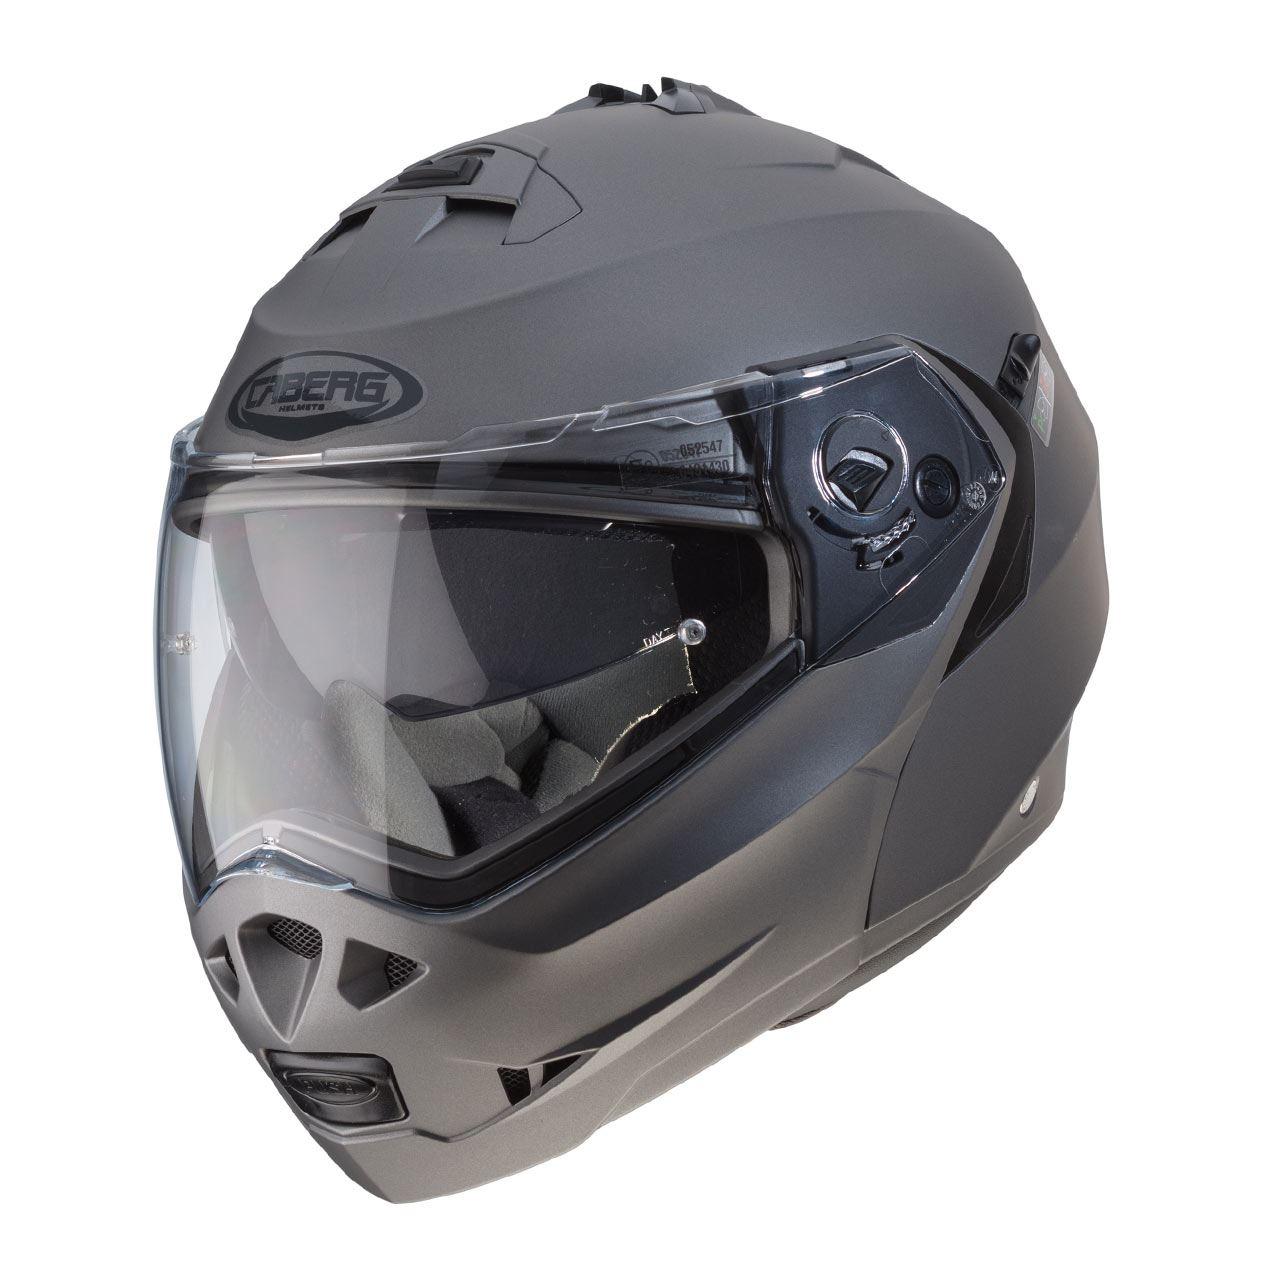 Caberg-Duke-II-Flip-Front-Motorcycle-Helmet-Modular-Bike-Sun-Visor-amp-Pinlock thumbnail 23